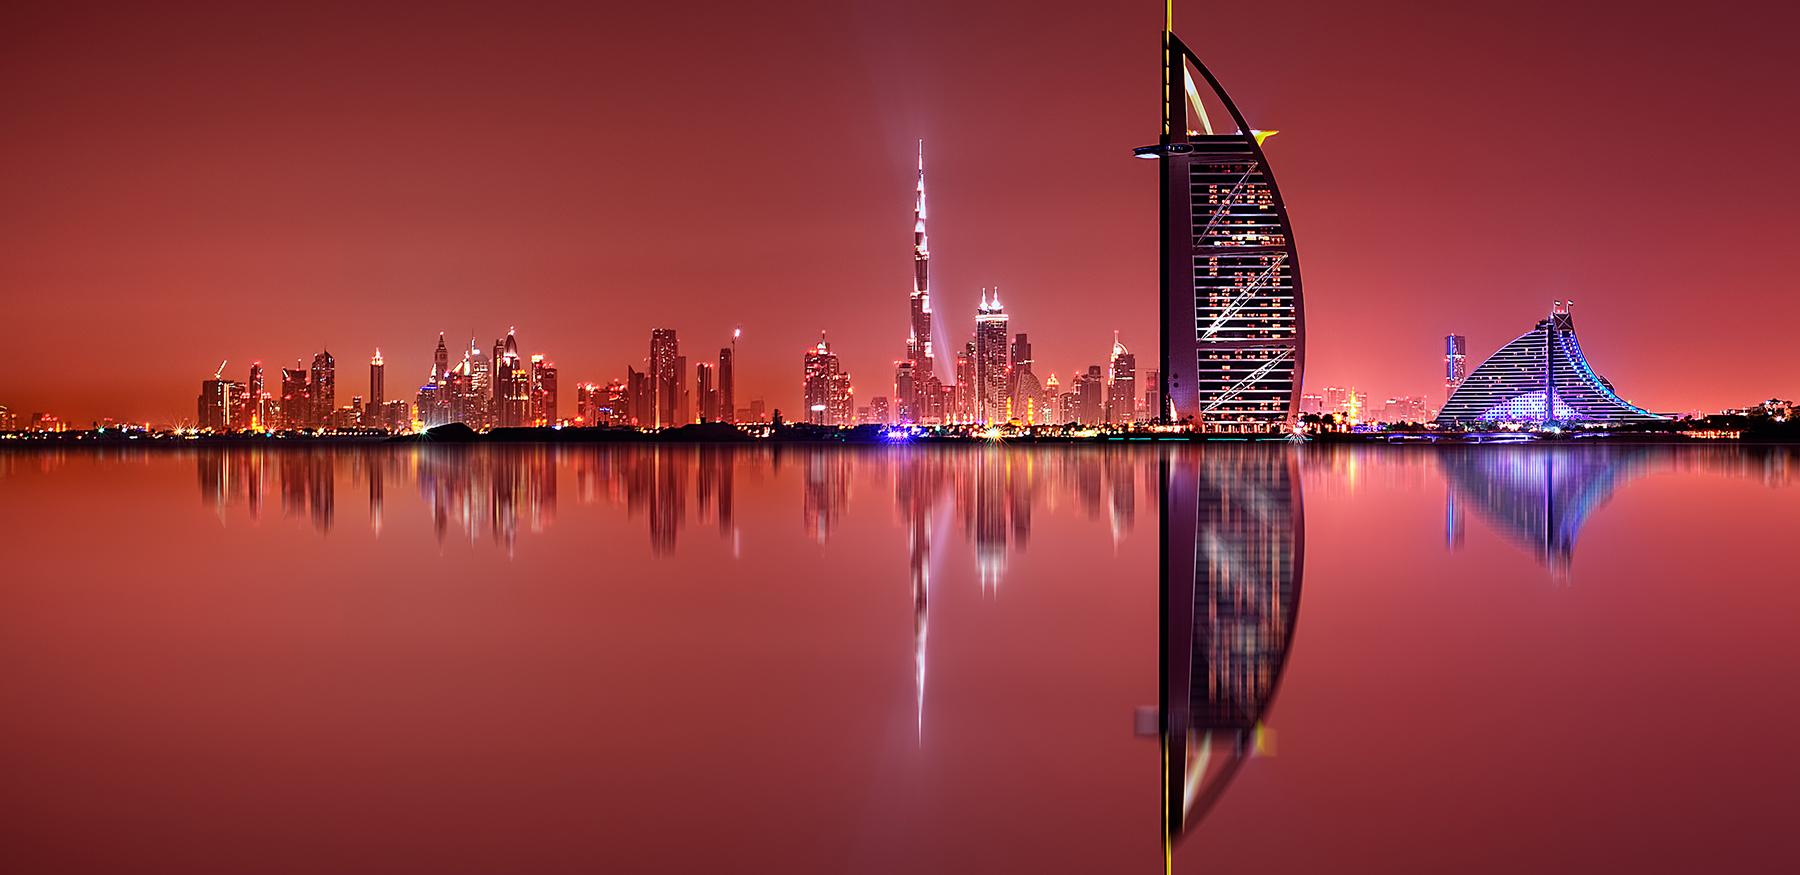 Dubai Travel Destination 2017